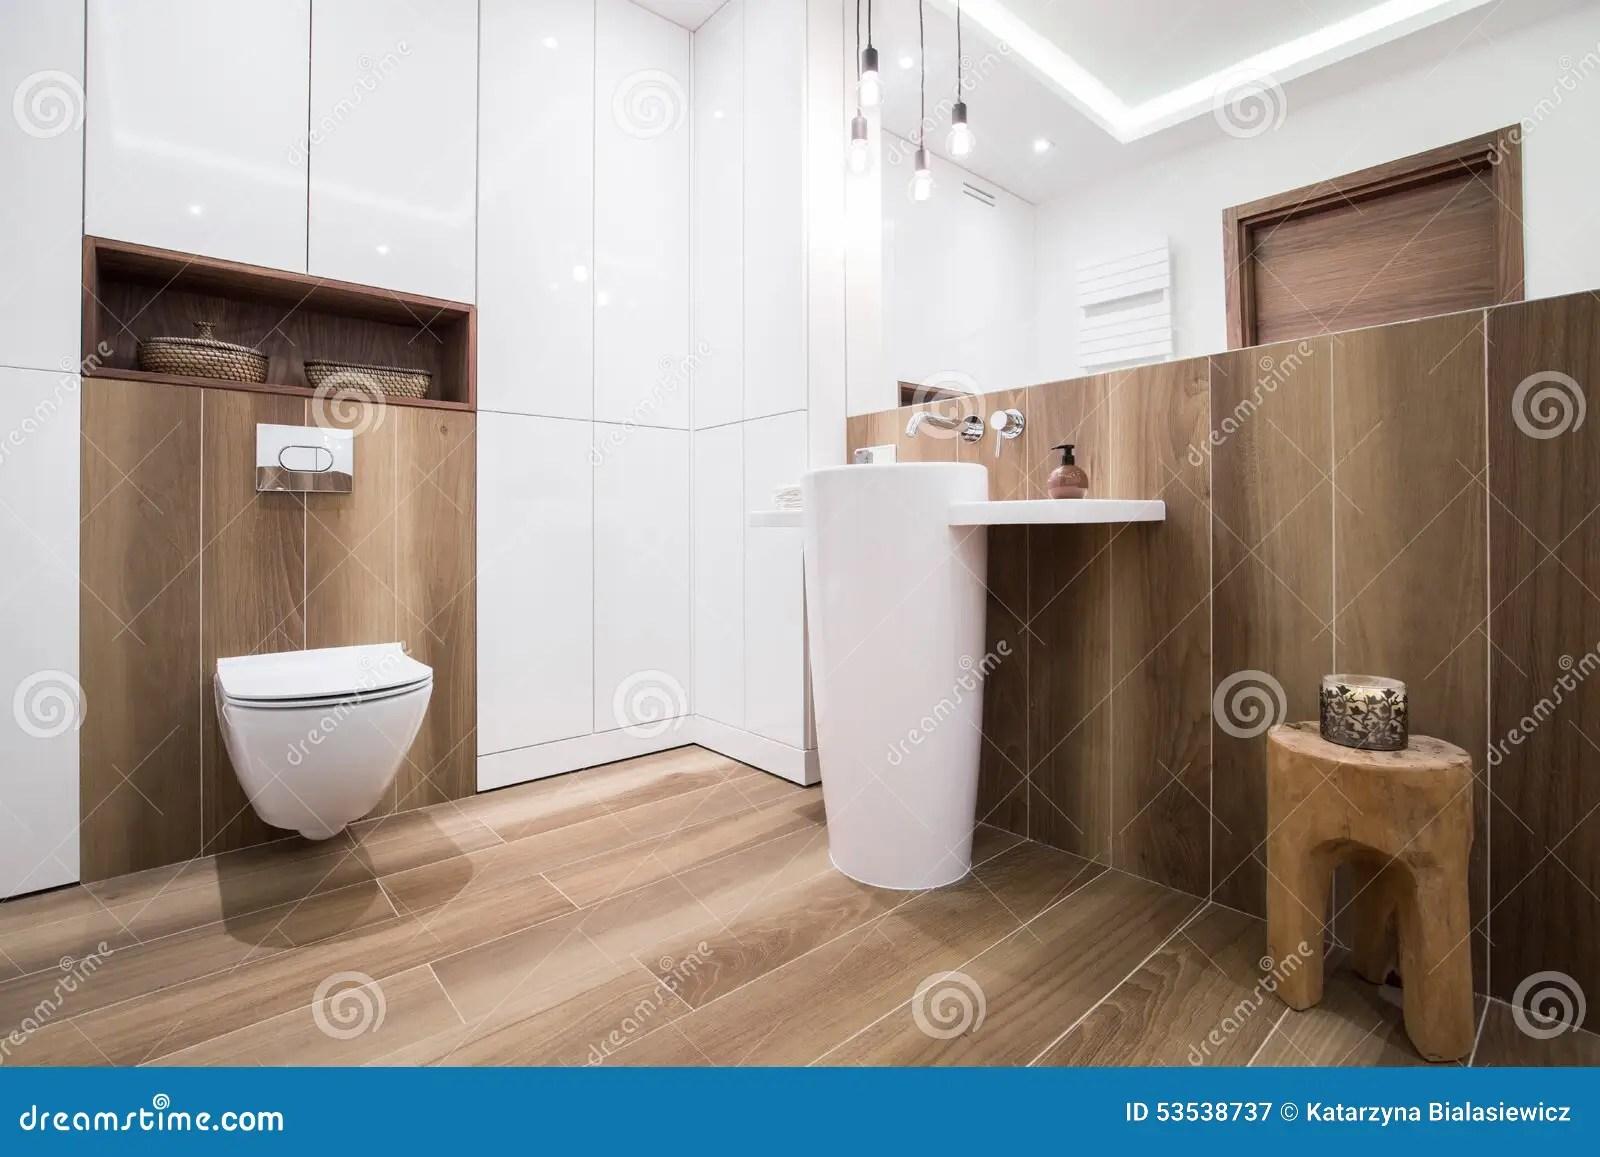 Bagno Di Casa Foto : Bagno di casa foto arrecasa rivista arredamento interior design